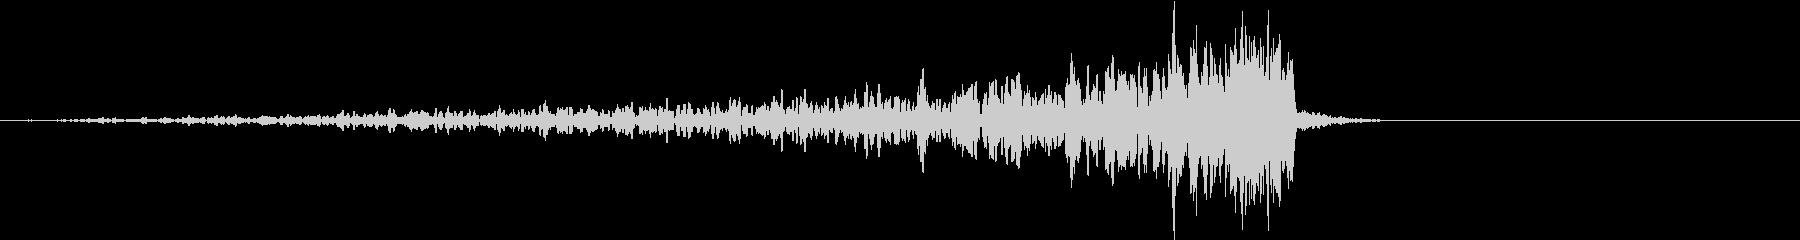 反作用によって生まれた音の未再生の波形